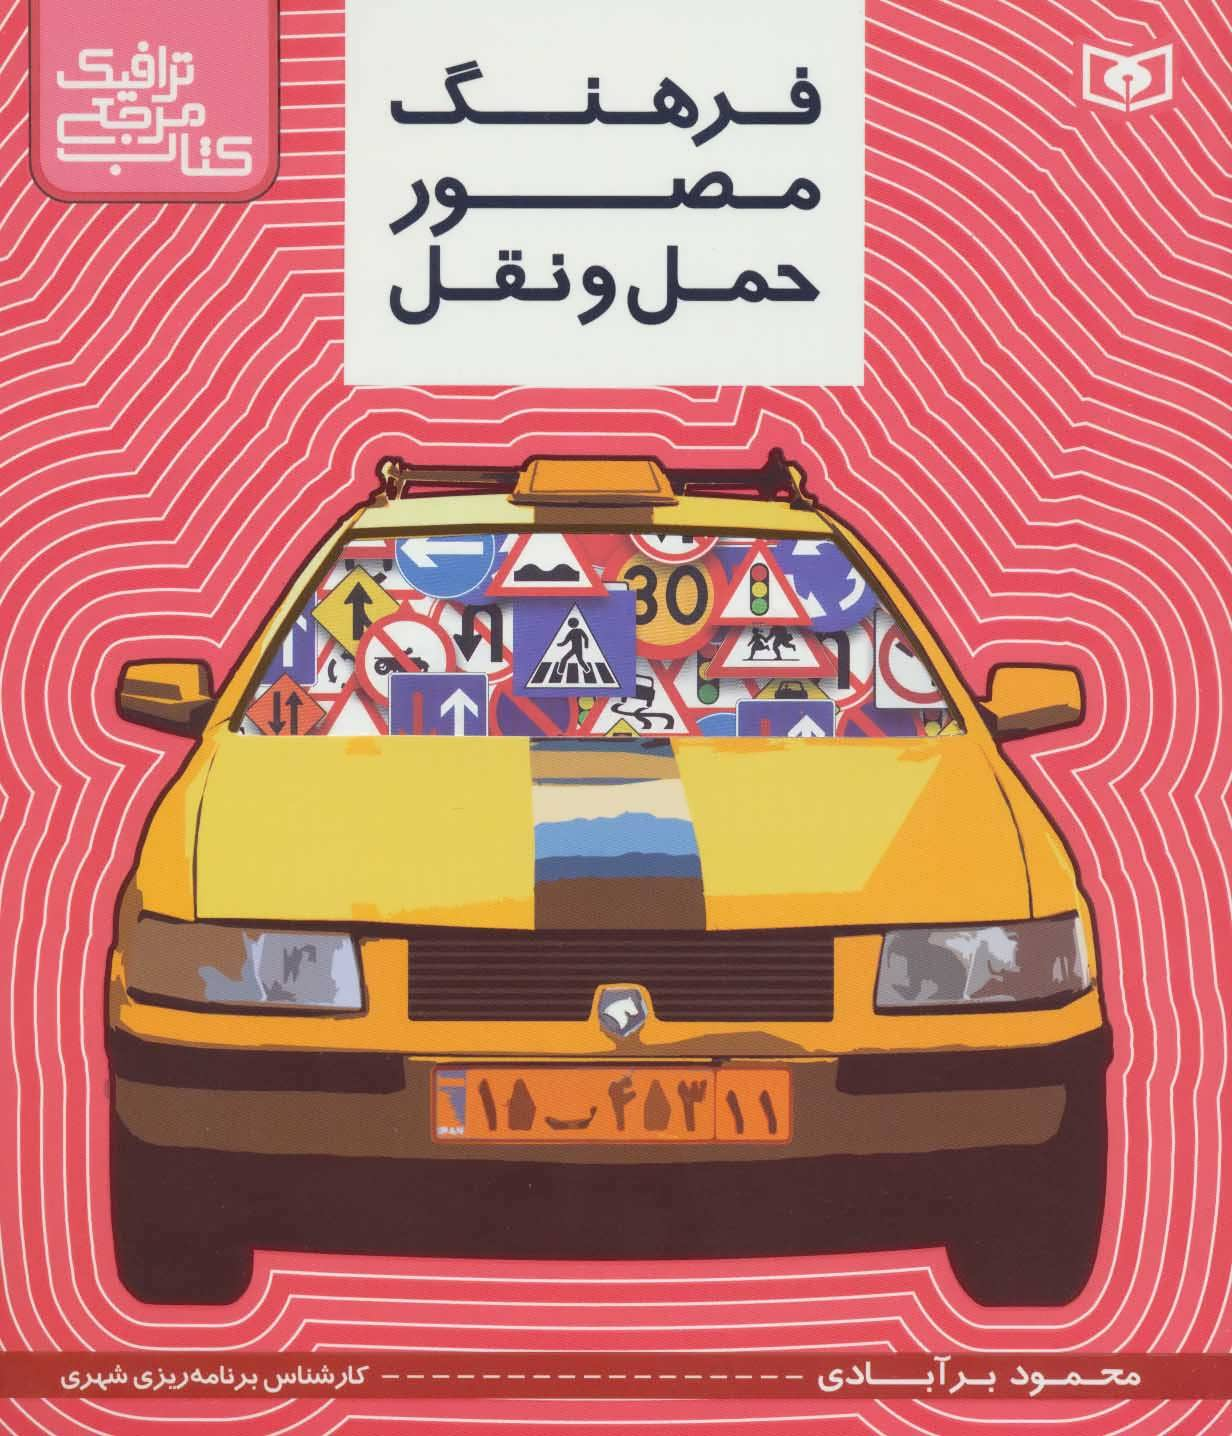 کتاب فرهنگ مصور حمل و نقل